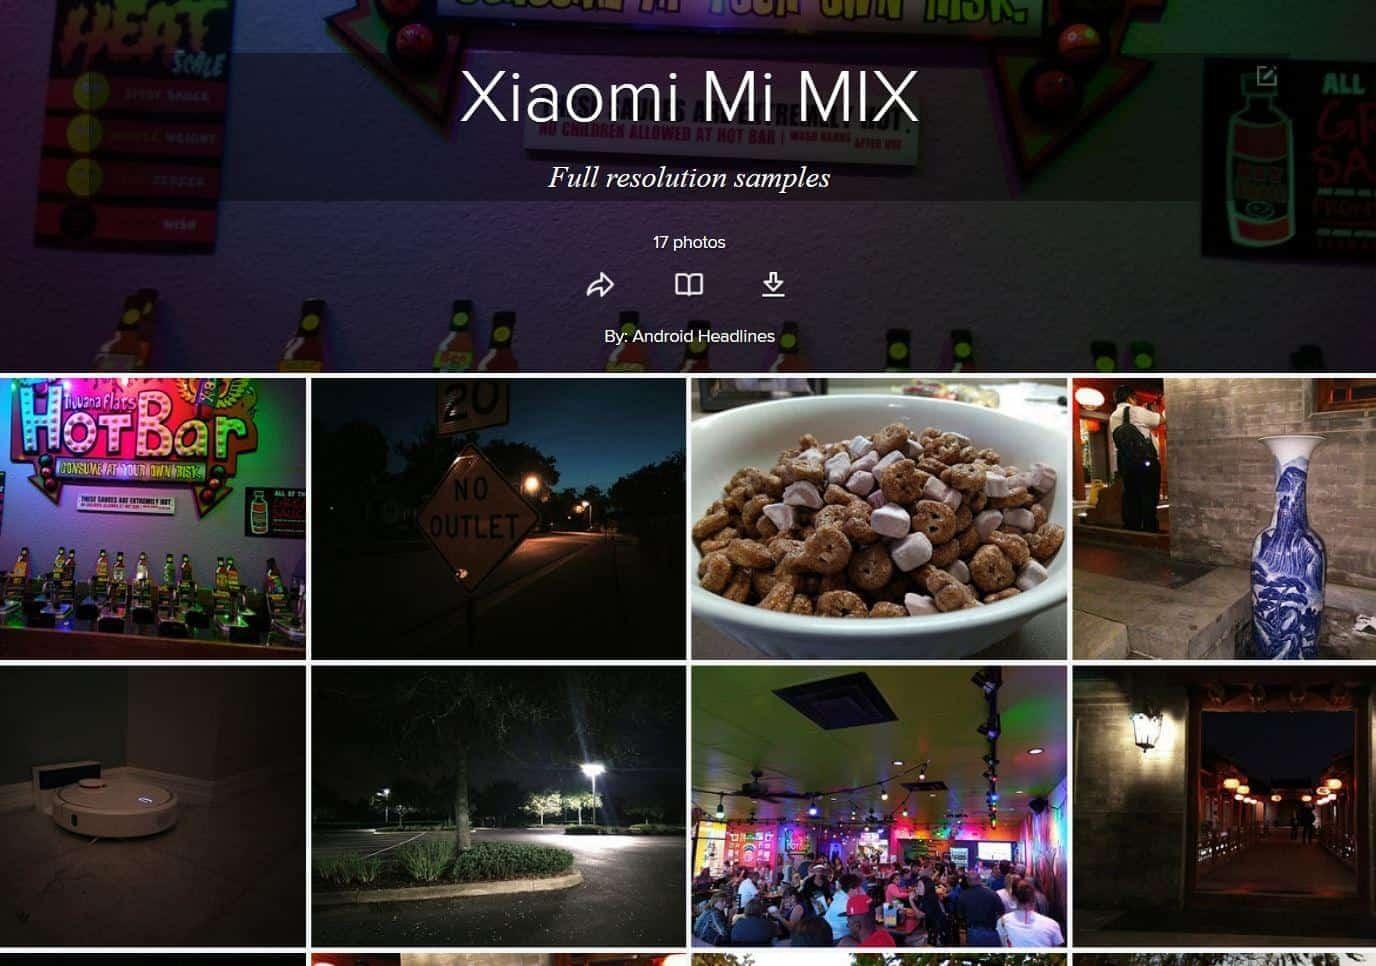 xiaomi-mi-mix-ah-ns-flickr